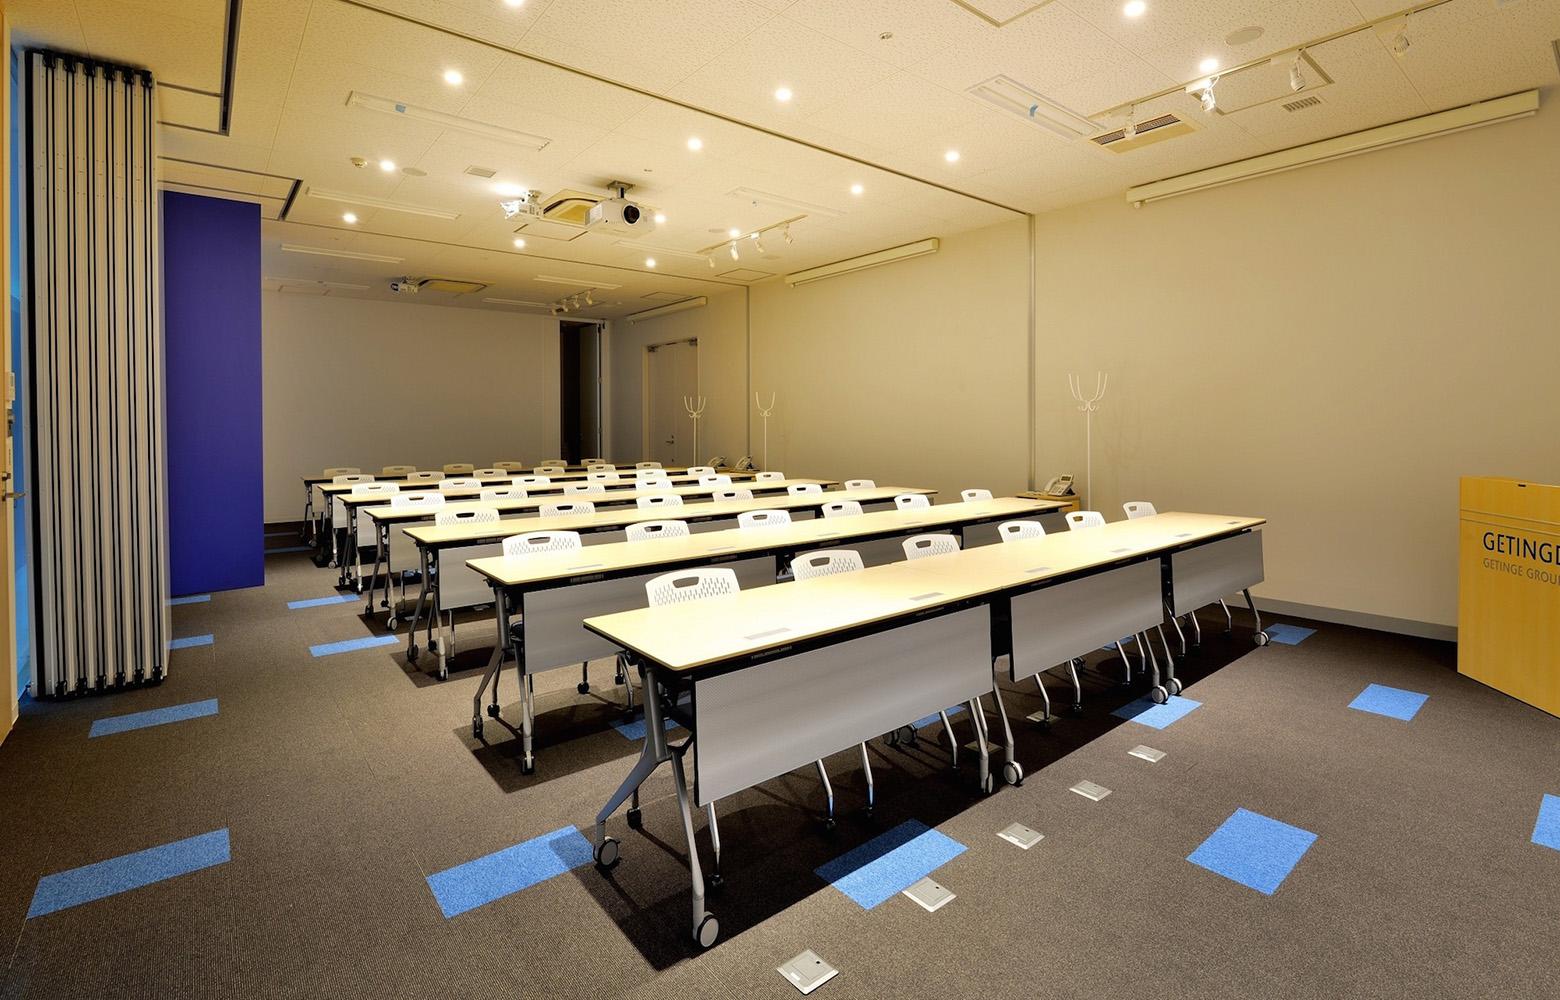 ゲティンゲ・ジャパン株式会社 Seminar Room デザイン・レイアウト事例